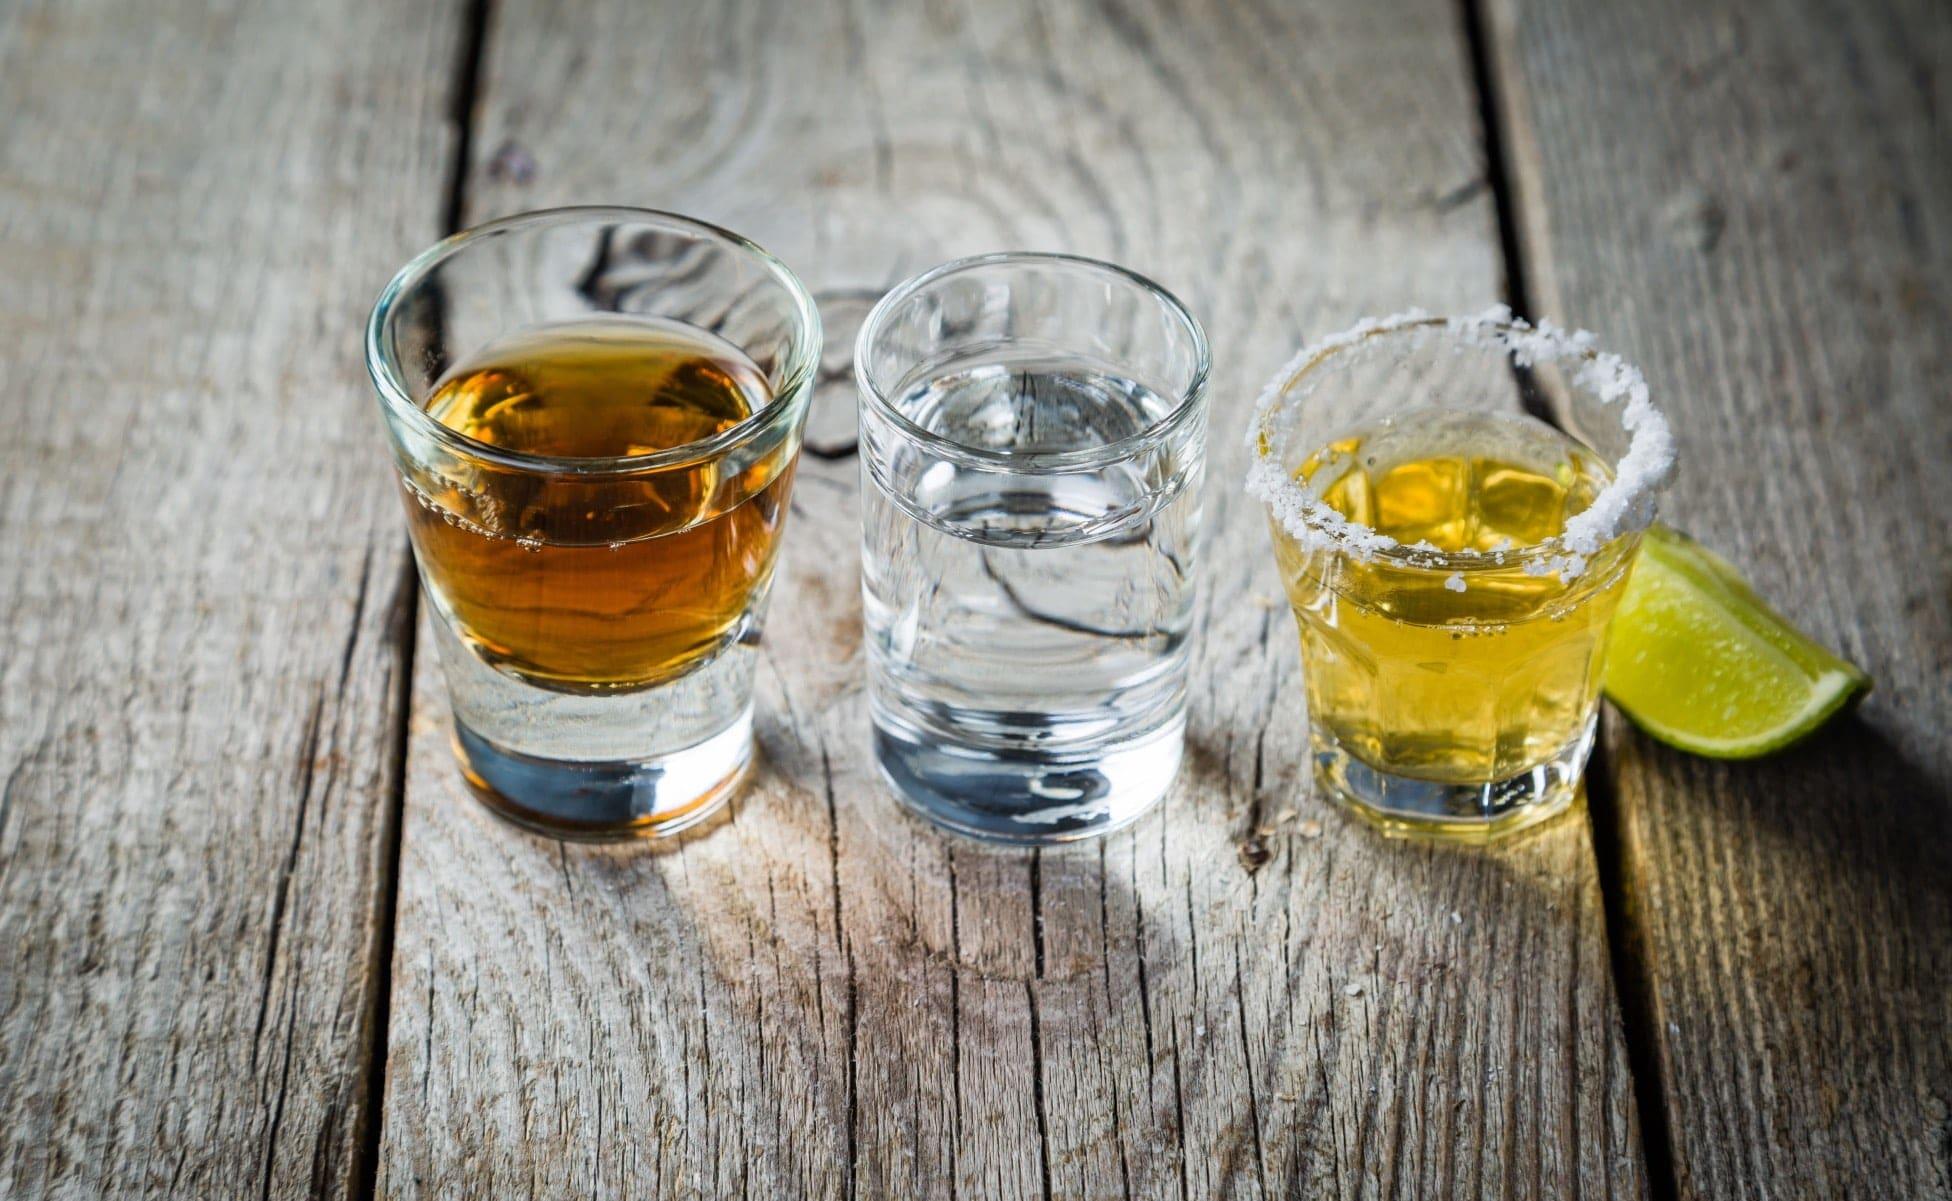 cuantos tipos de tequila hay